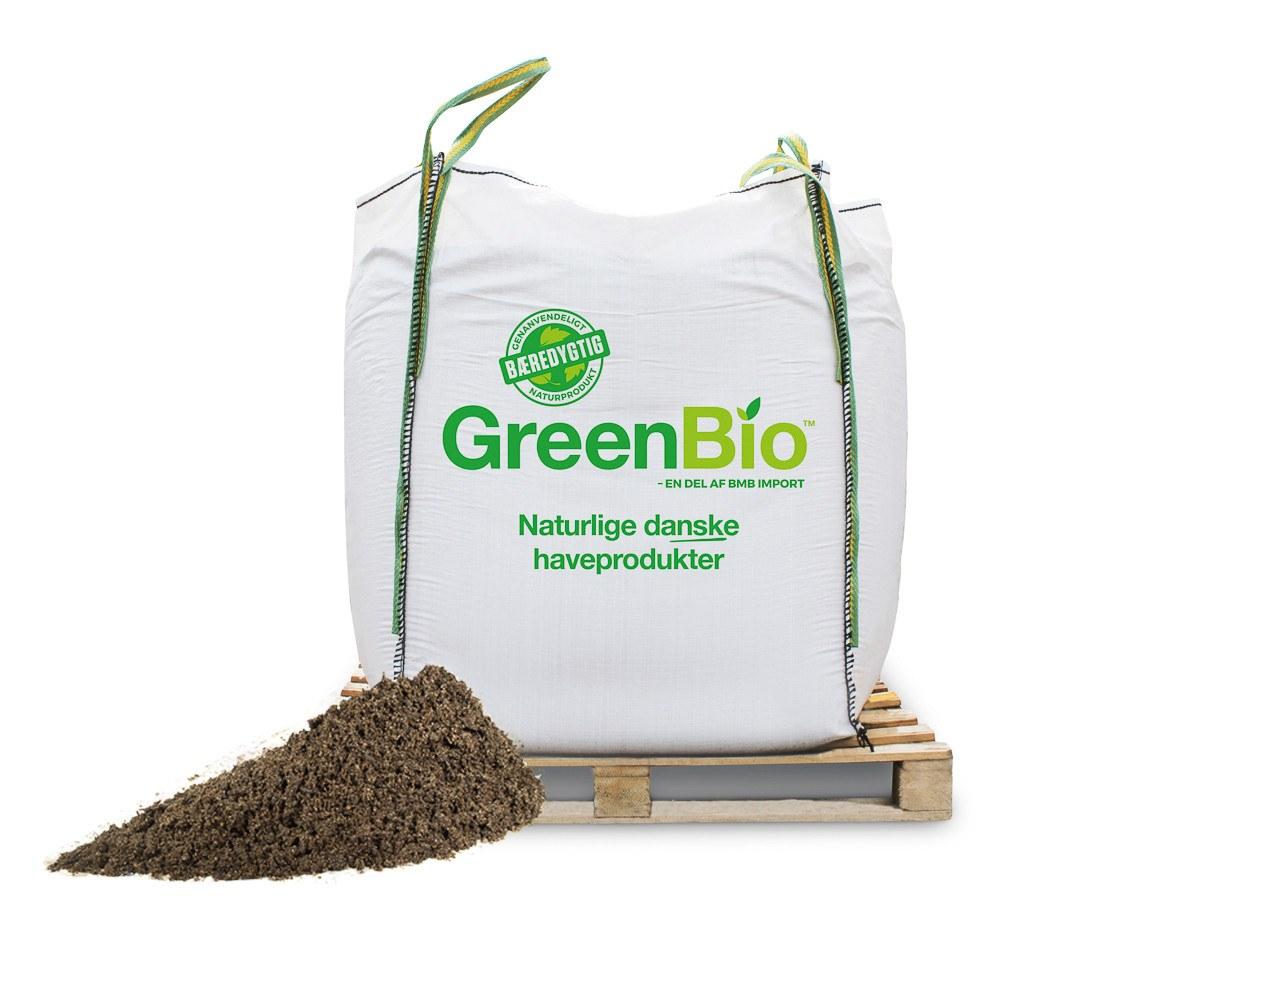 GreenBio Kassemuld til økologisk dyrkning